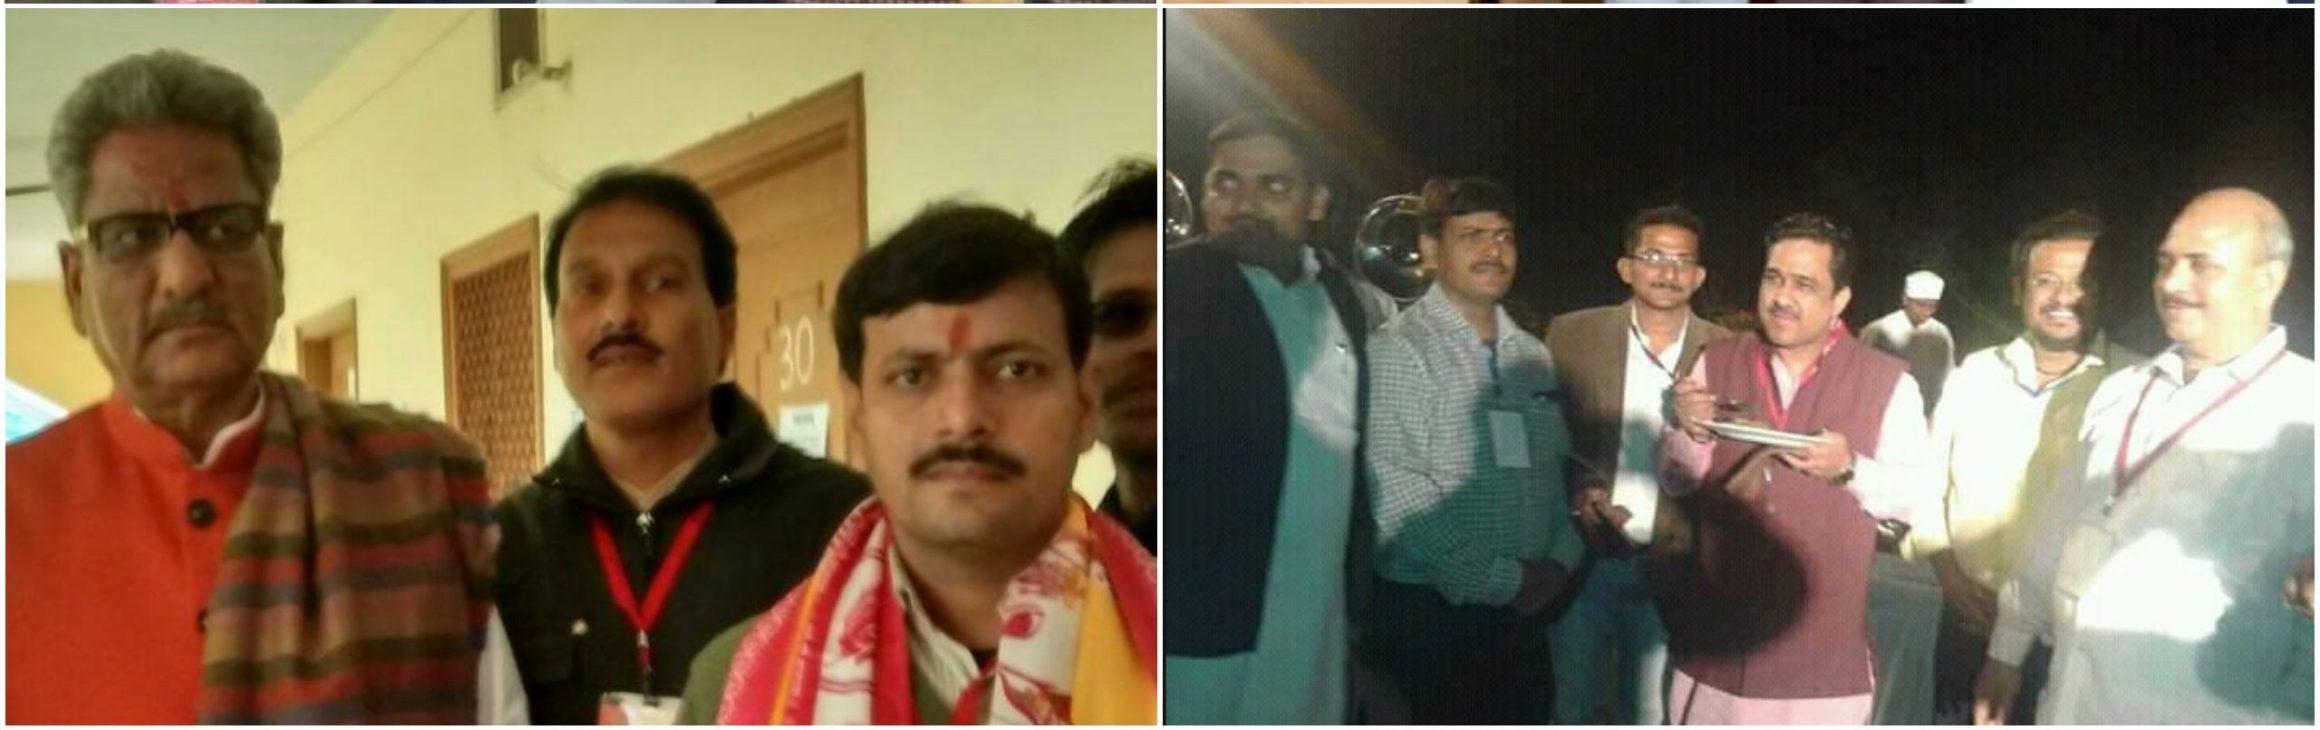 اتر پردیش بی جے پی کے صدر اوم ماتھر اور وزیر سنیل بنسل کے ساتھ ڈاکٹر آدتیہ کمار سنگھ (فوٹو : فیس بک پروفائل)